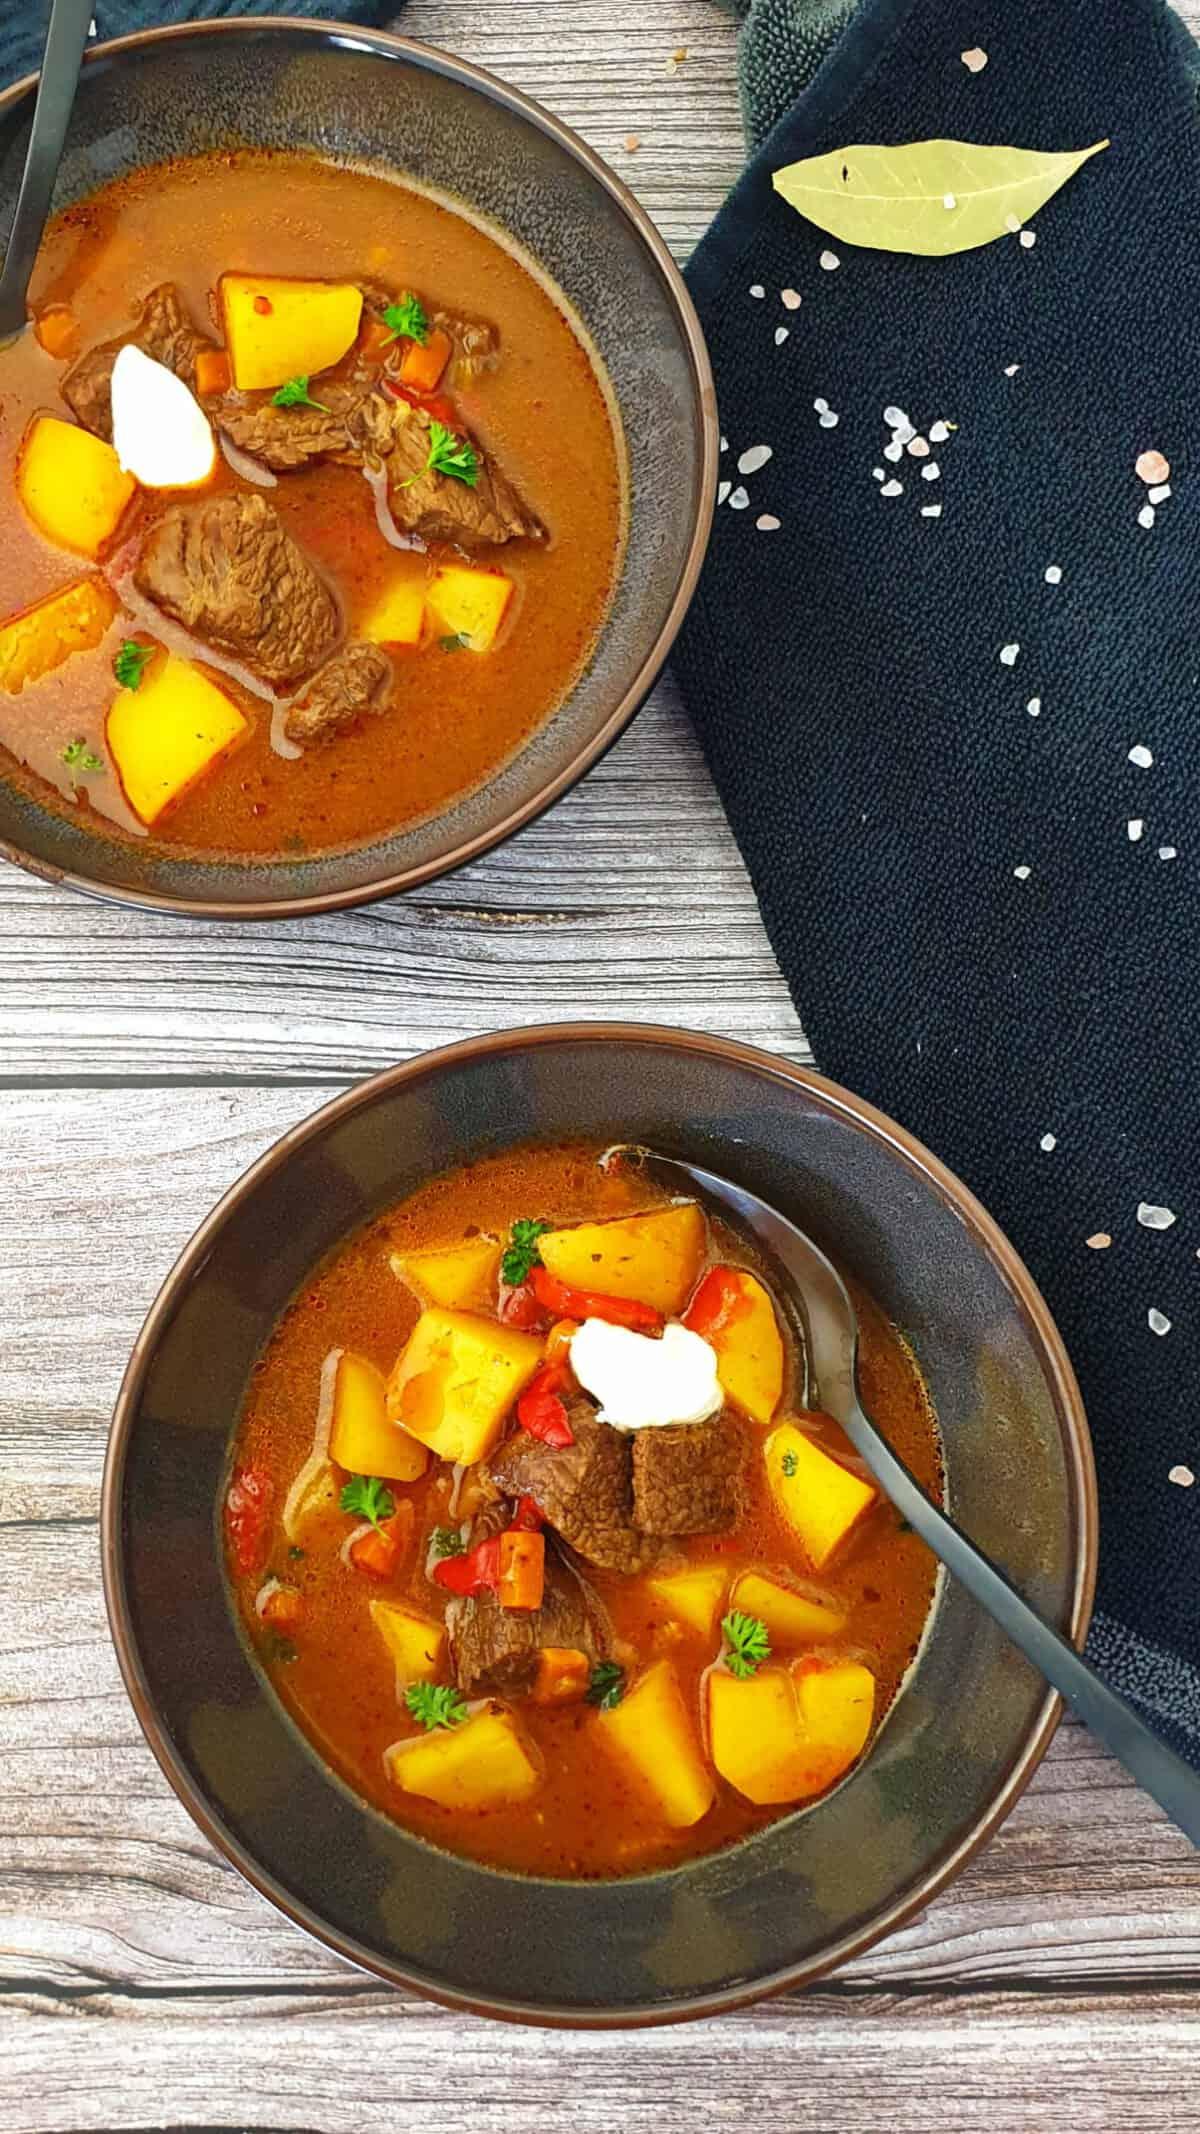 In zwei braunen Schalen Gulaschsuppe mit Rindfleisch, Paprika und Kartoffeln. Im Hintergrund Deko.